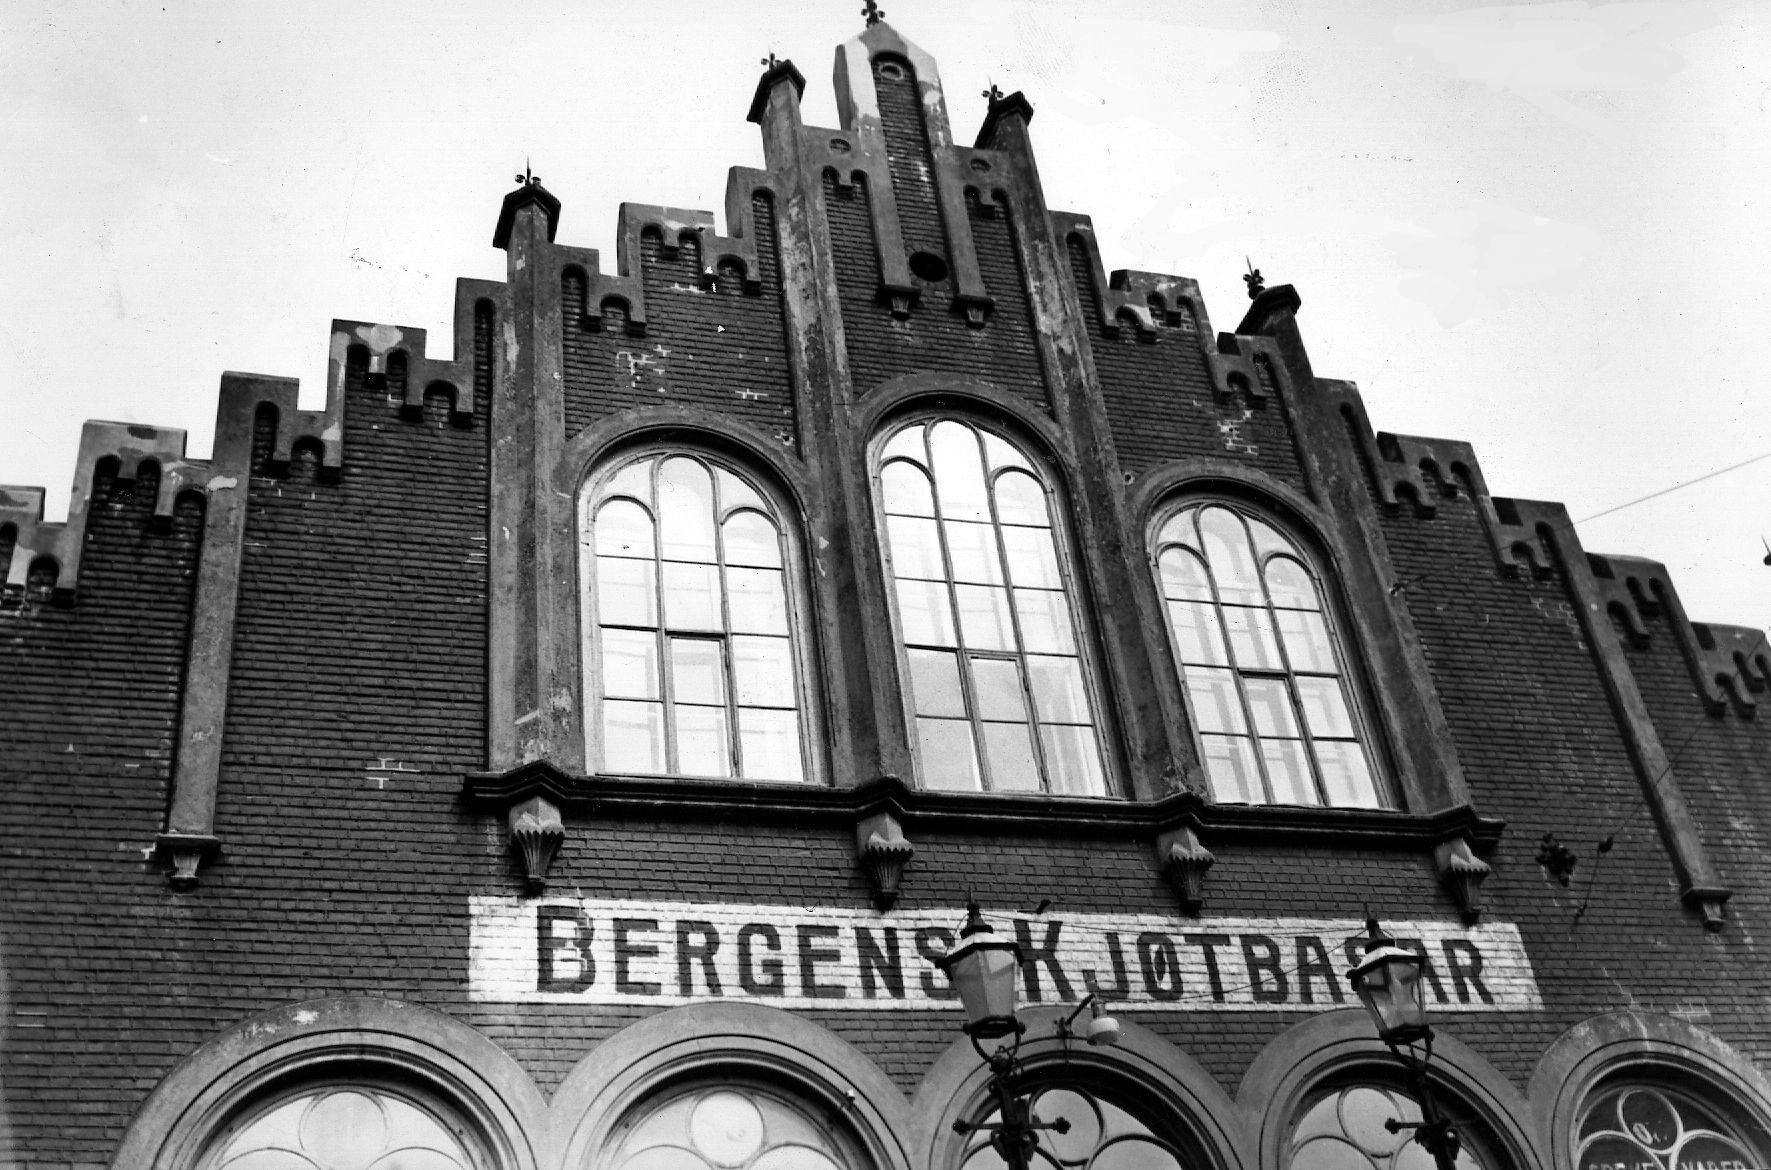 HISTORISK: Kjøttbasaren er reist omtrent der kjøttvarer tidligere ble omsatt, i krysningspunktet mellom Bryggen og Torget, med tørrfisk på den ene siden og fersk fisk på den andre.